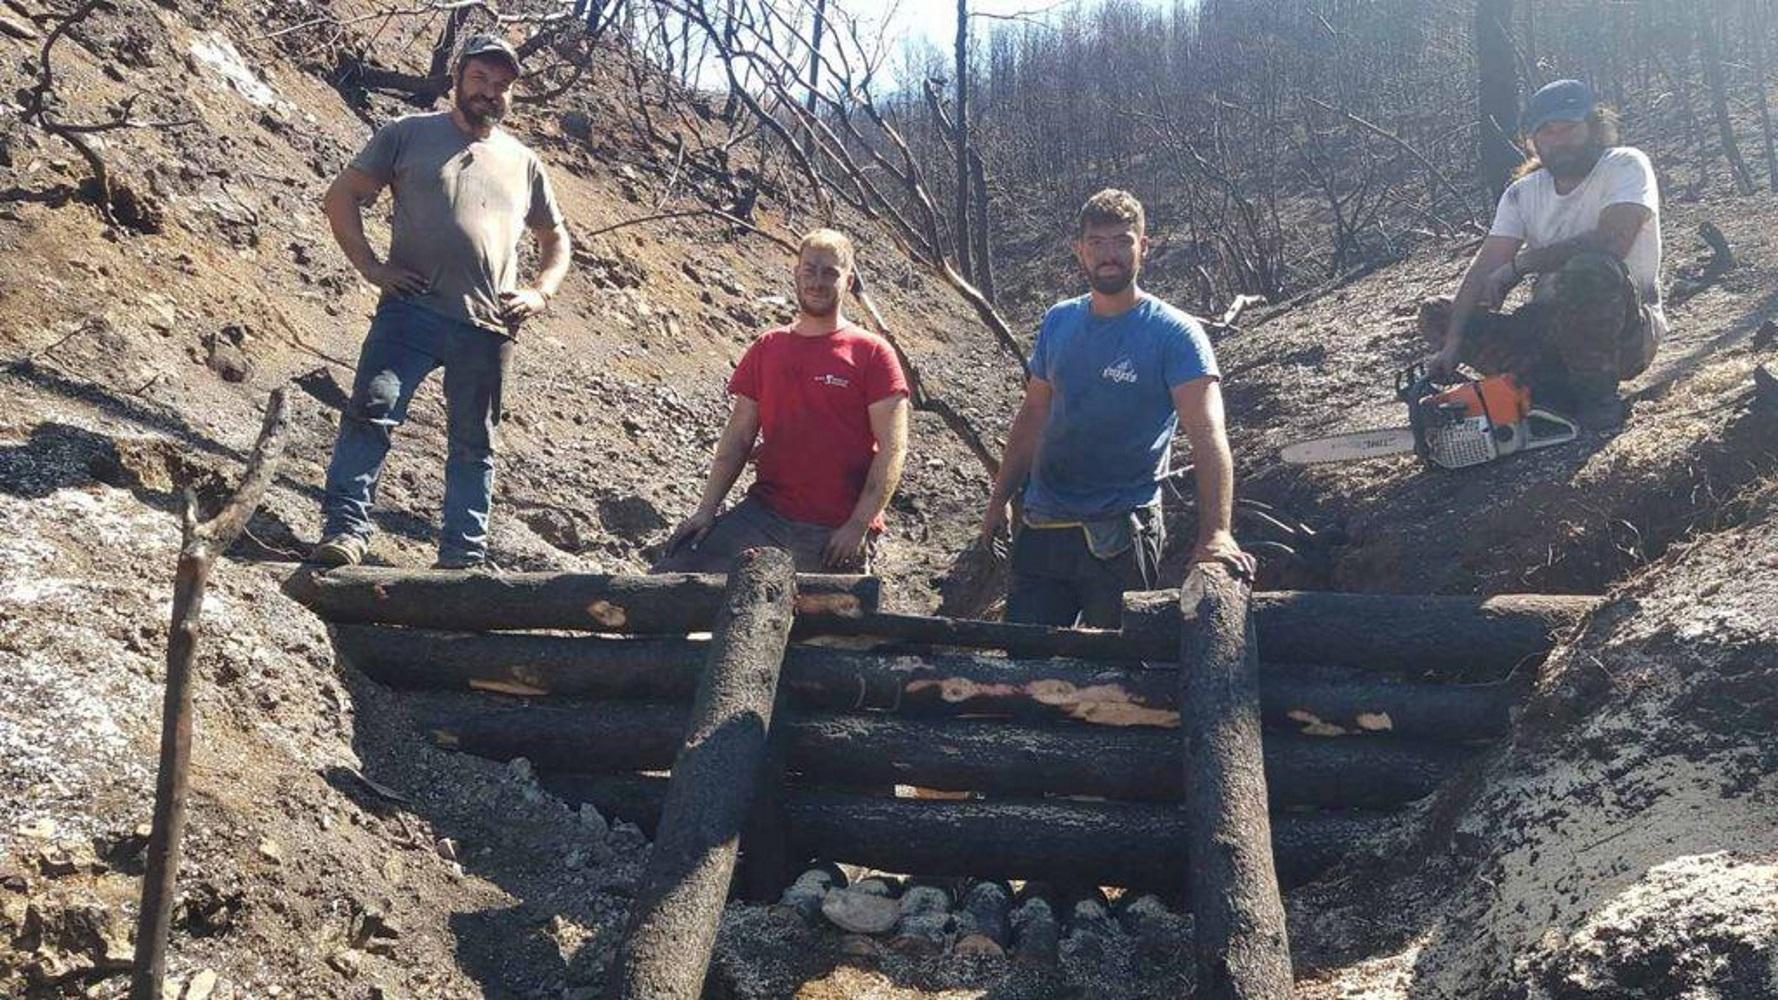 Βόρεια Εύβοια: Πάνω από 700 δασεργάτες στις πυρόπληκτες περιοχές για έργα προστασίας